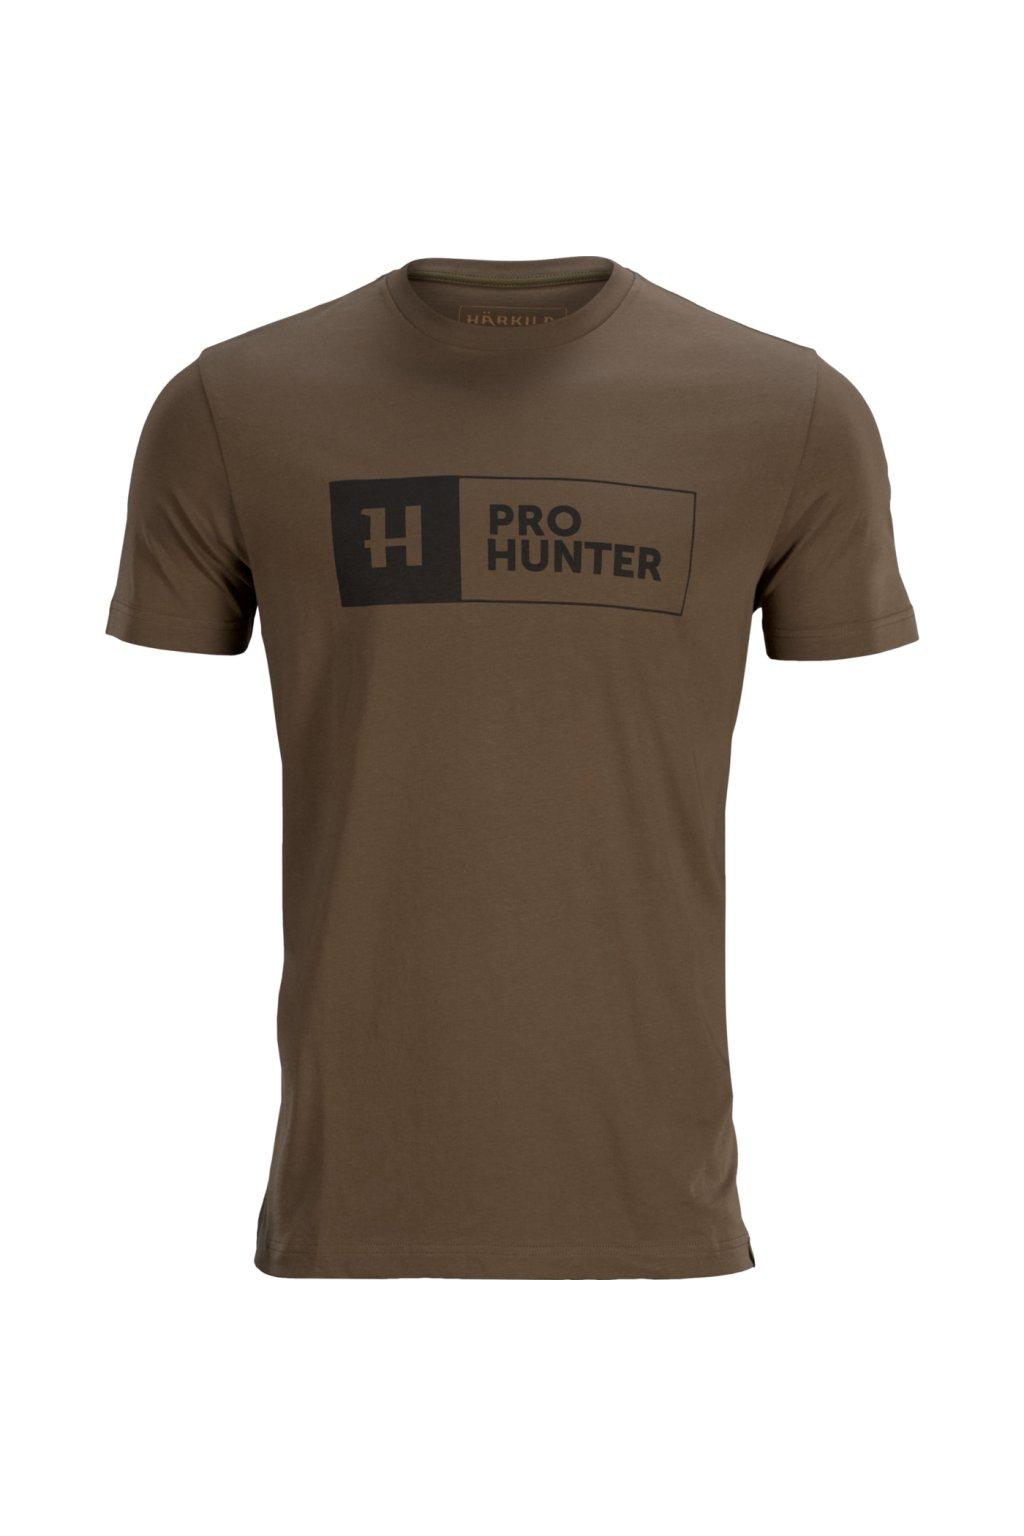 Härkila - Pro Hunter triko pánské s krátkým rukávem (State Brown)